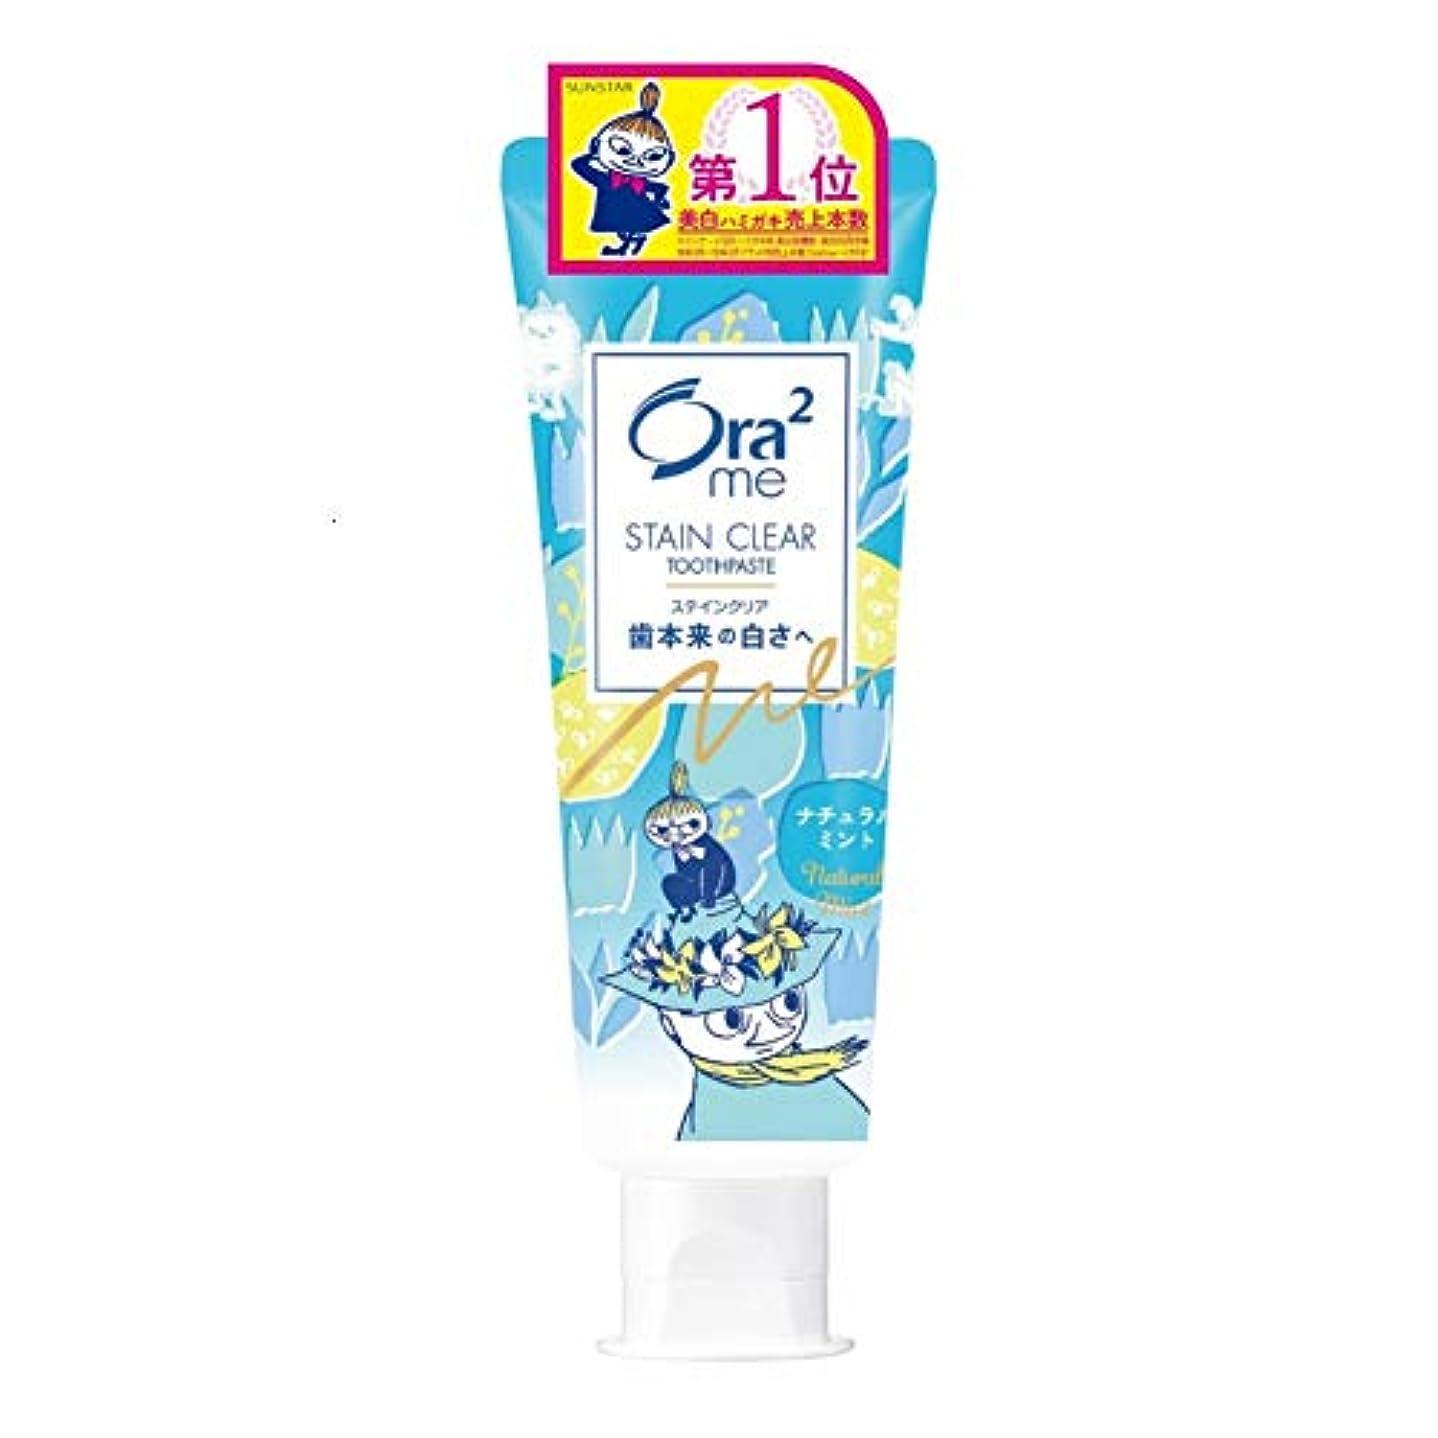 背骨質素な飲料Ora2(オーラツー) ミー ステインクリア 歯みがき ムーミン企画 [ナチュラルミント] 130g